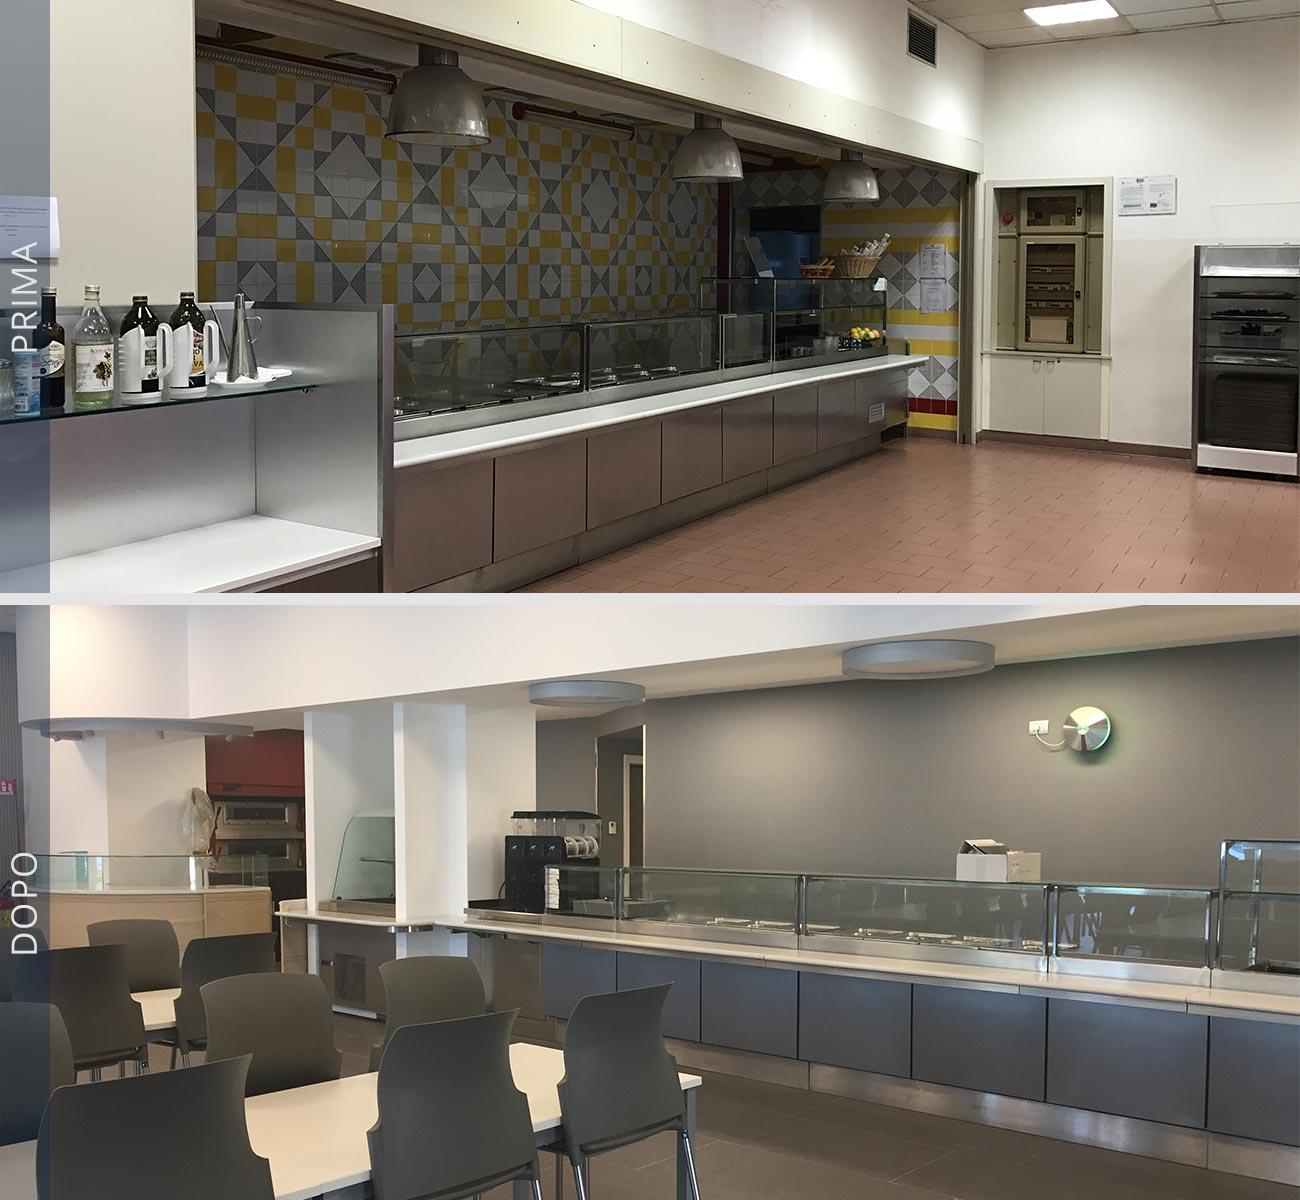 mensa-selice-cefla-imola_studio-tb-progettazione-architettonica-02